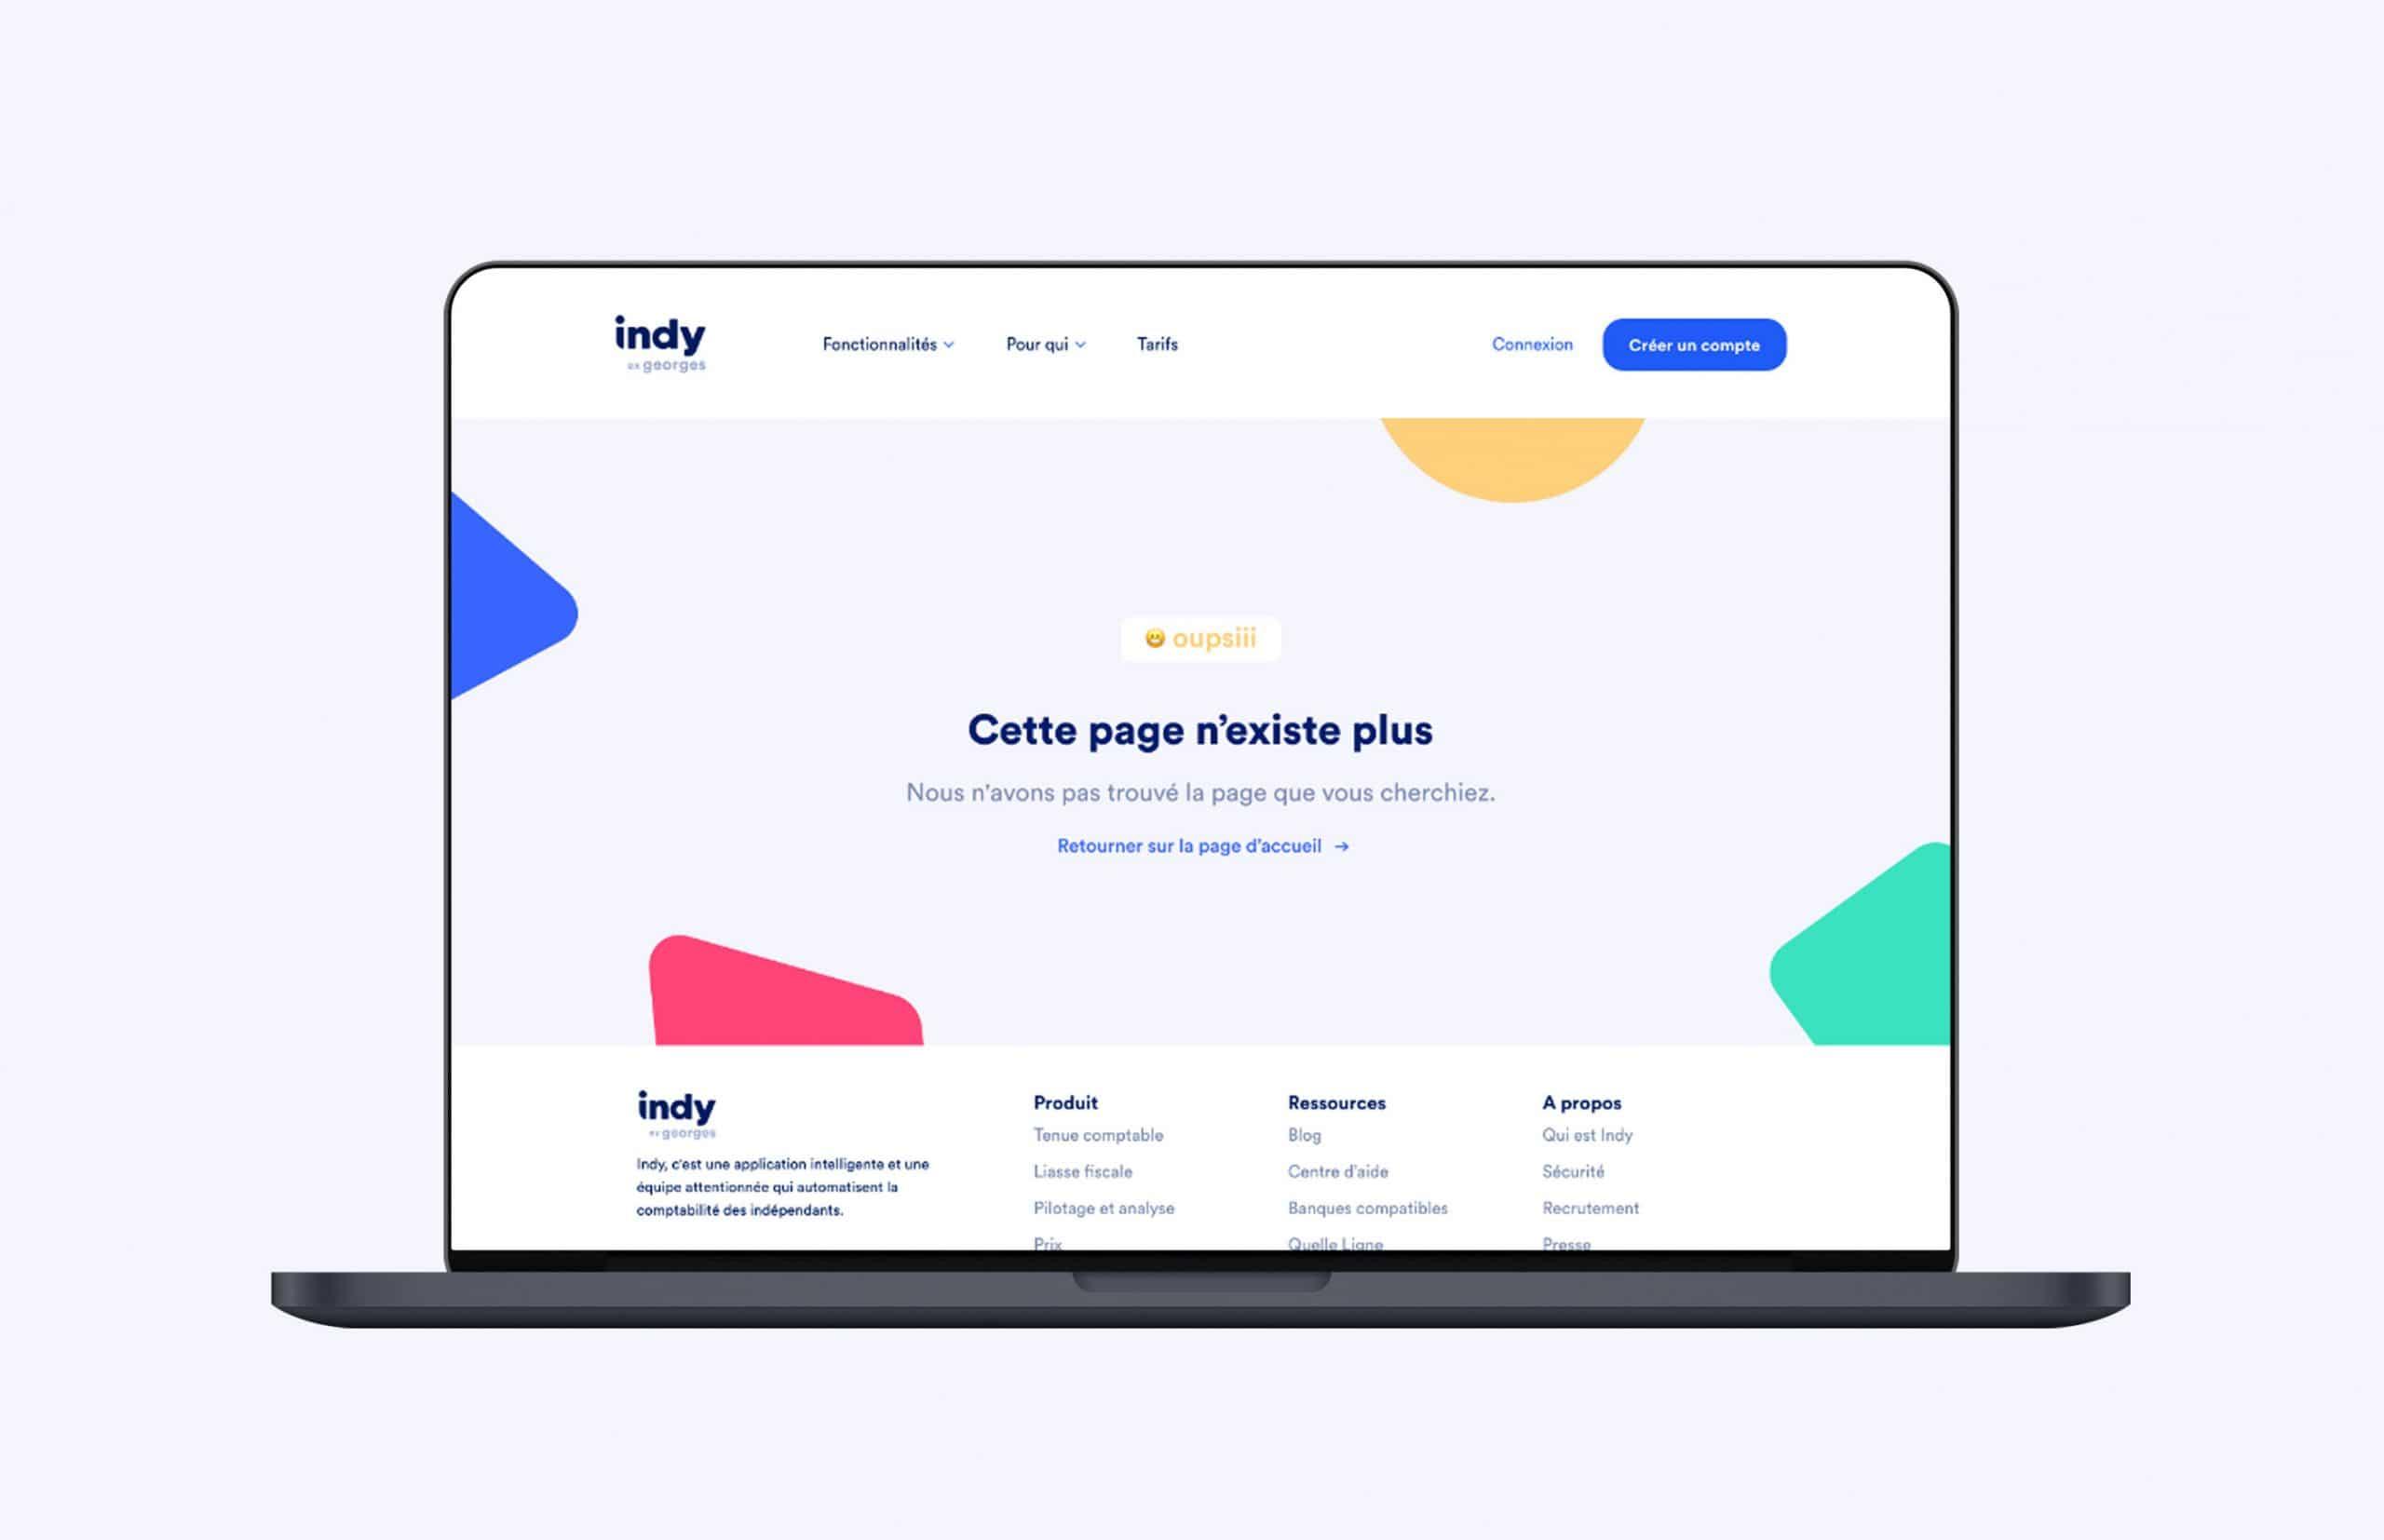 Design de la page 404 du site indy.fr